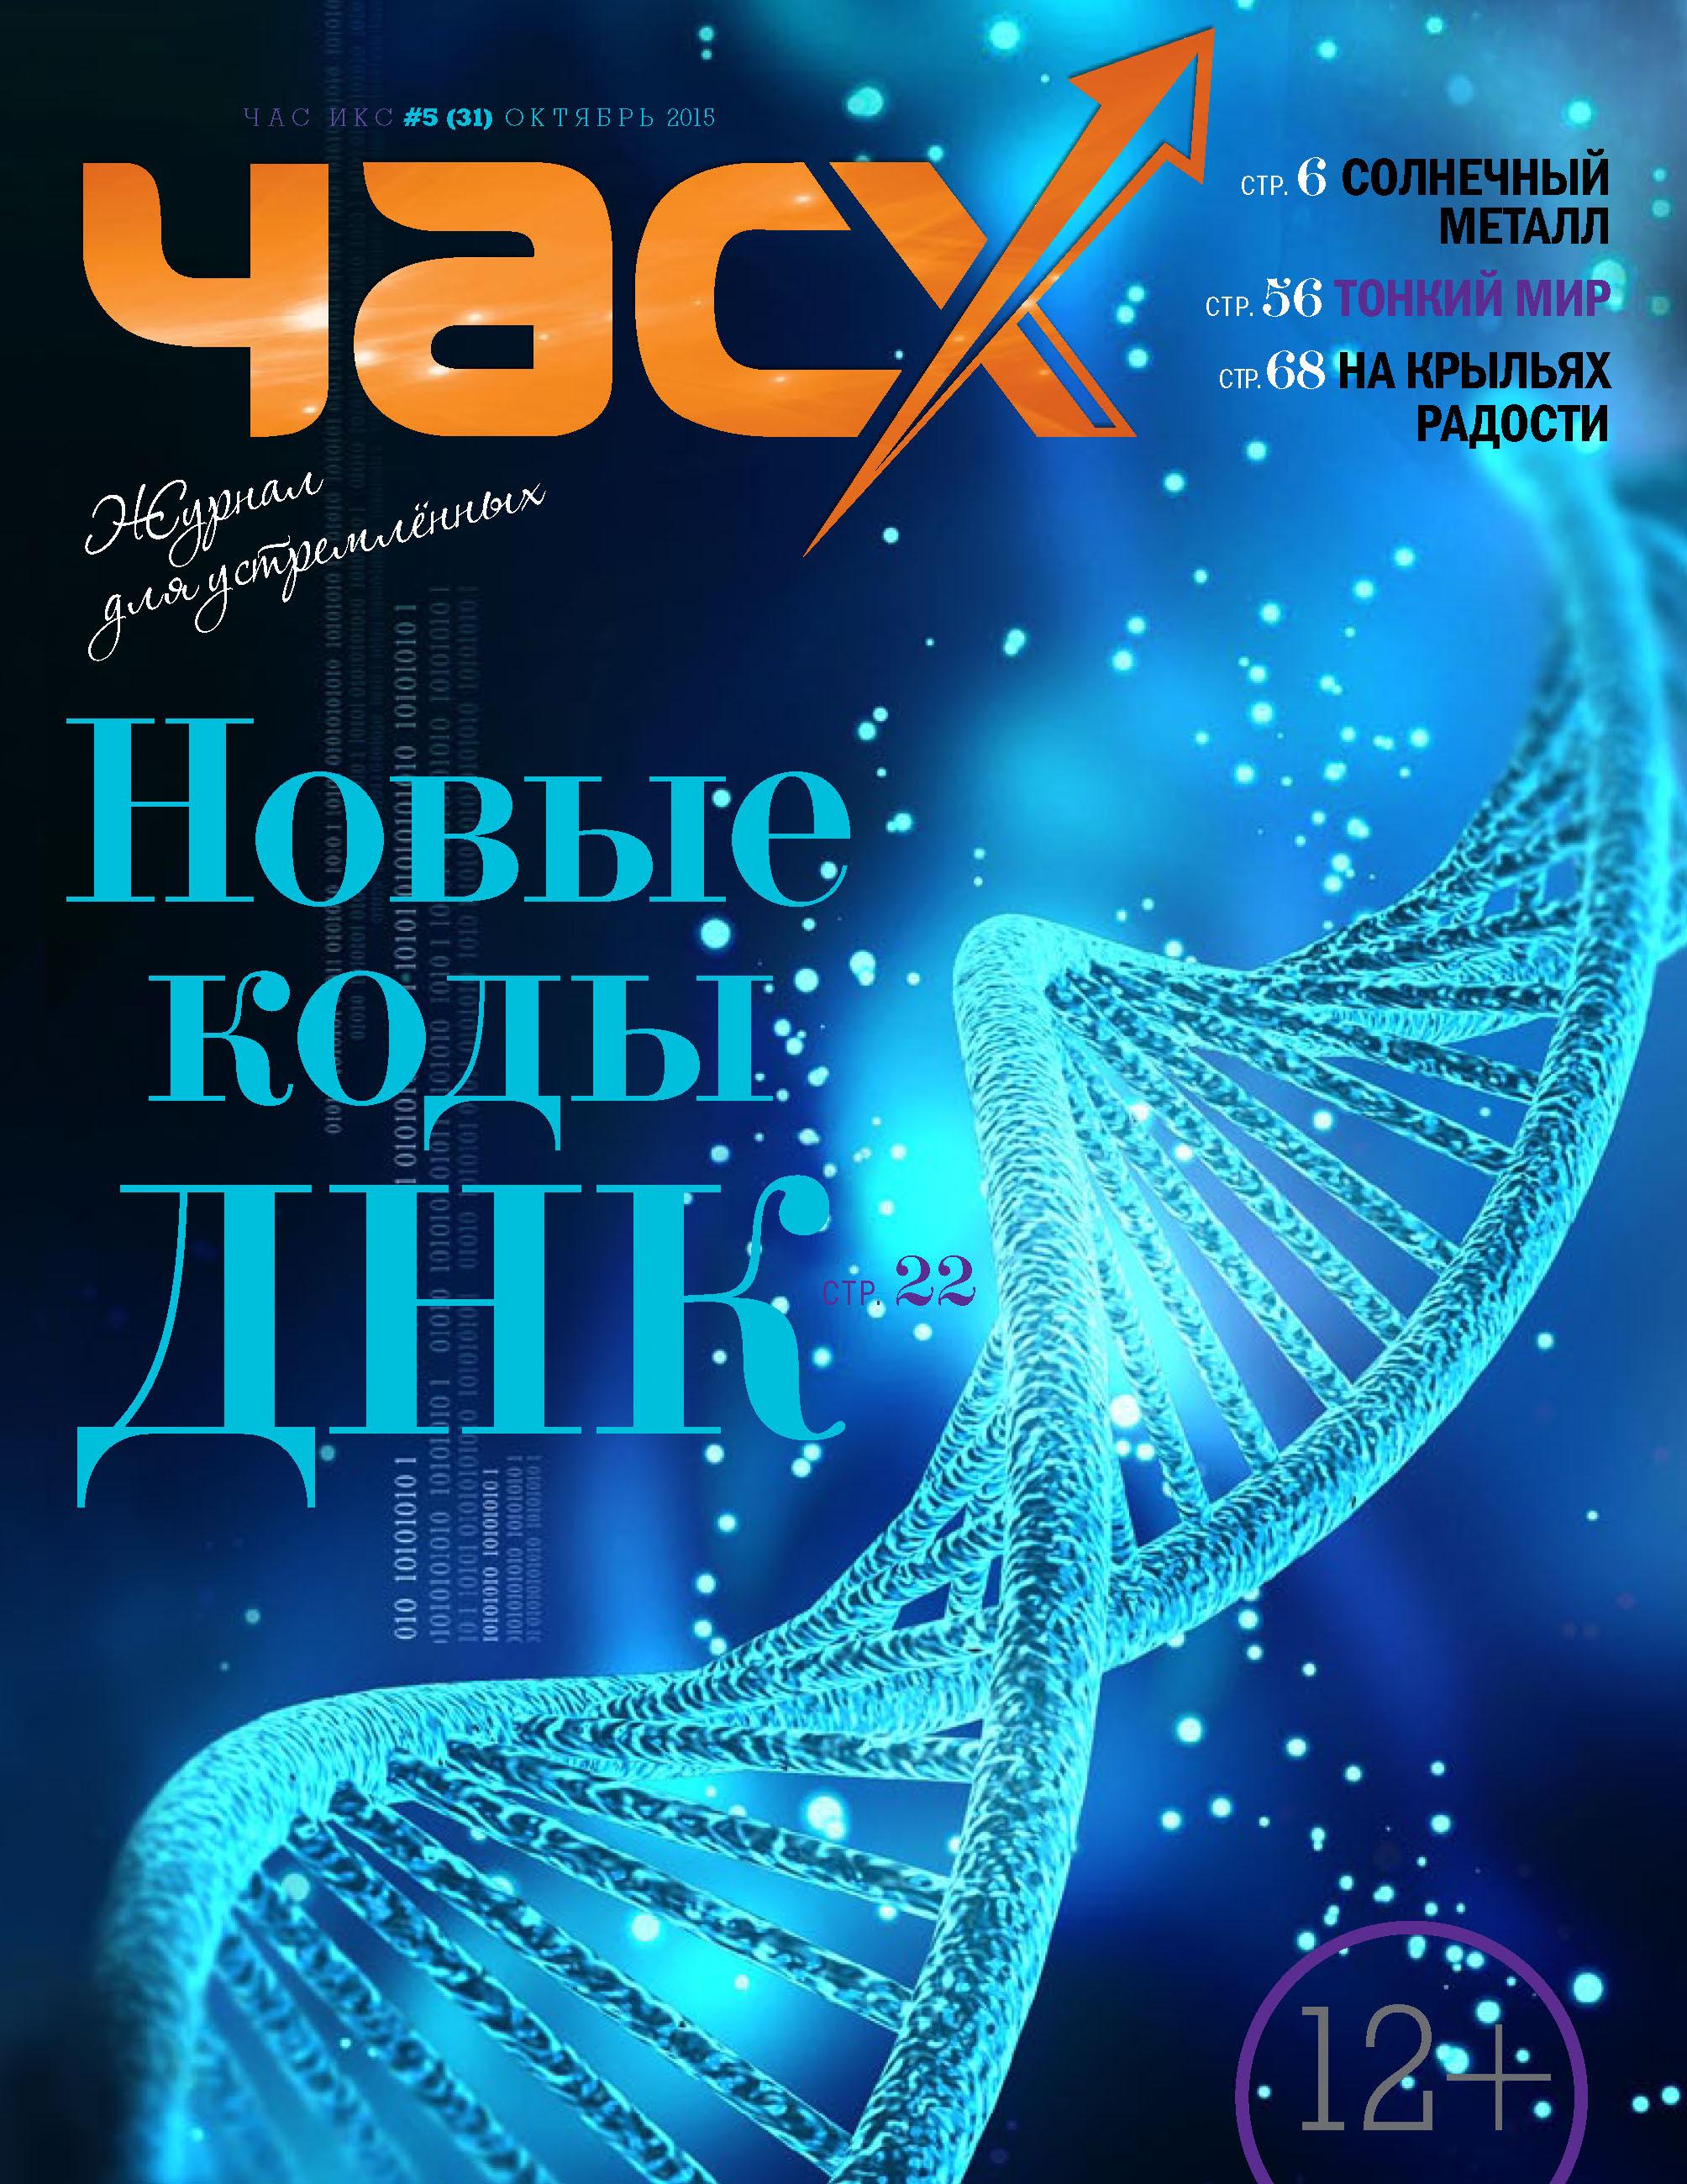 Отсутствует Час X. Журнал для устремленных. №5/2015 отсутствует час x журнал для устремленных 5 2015